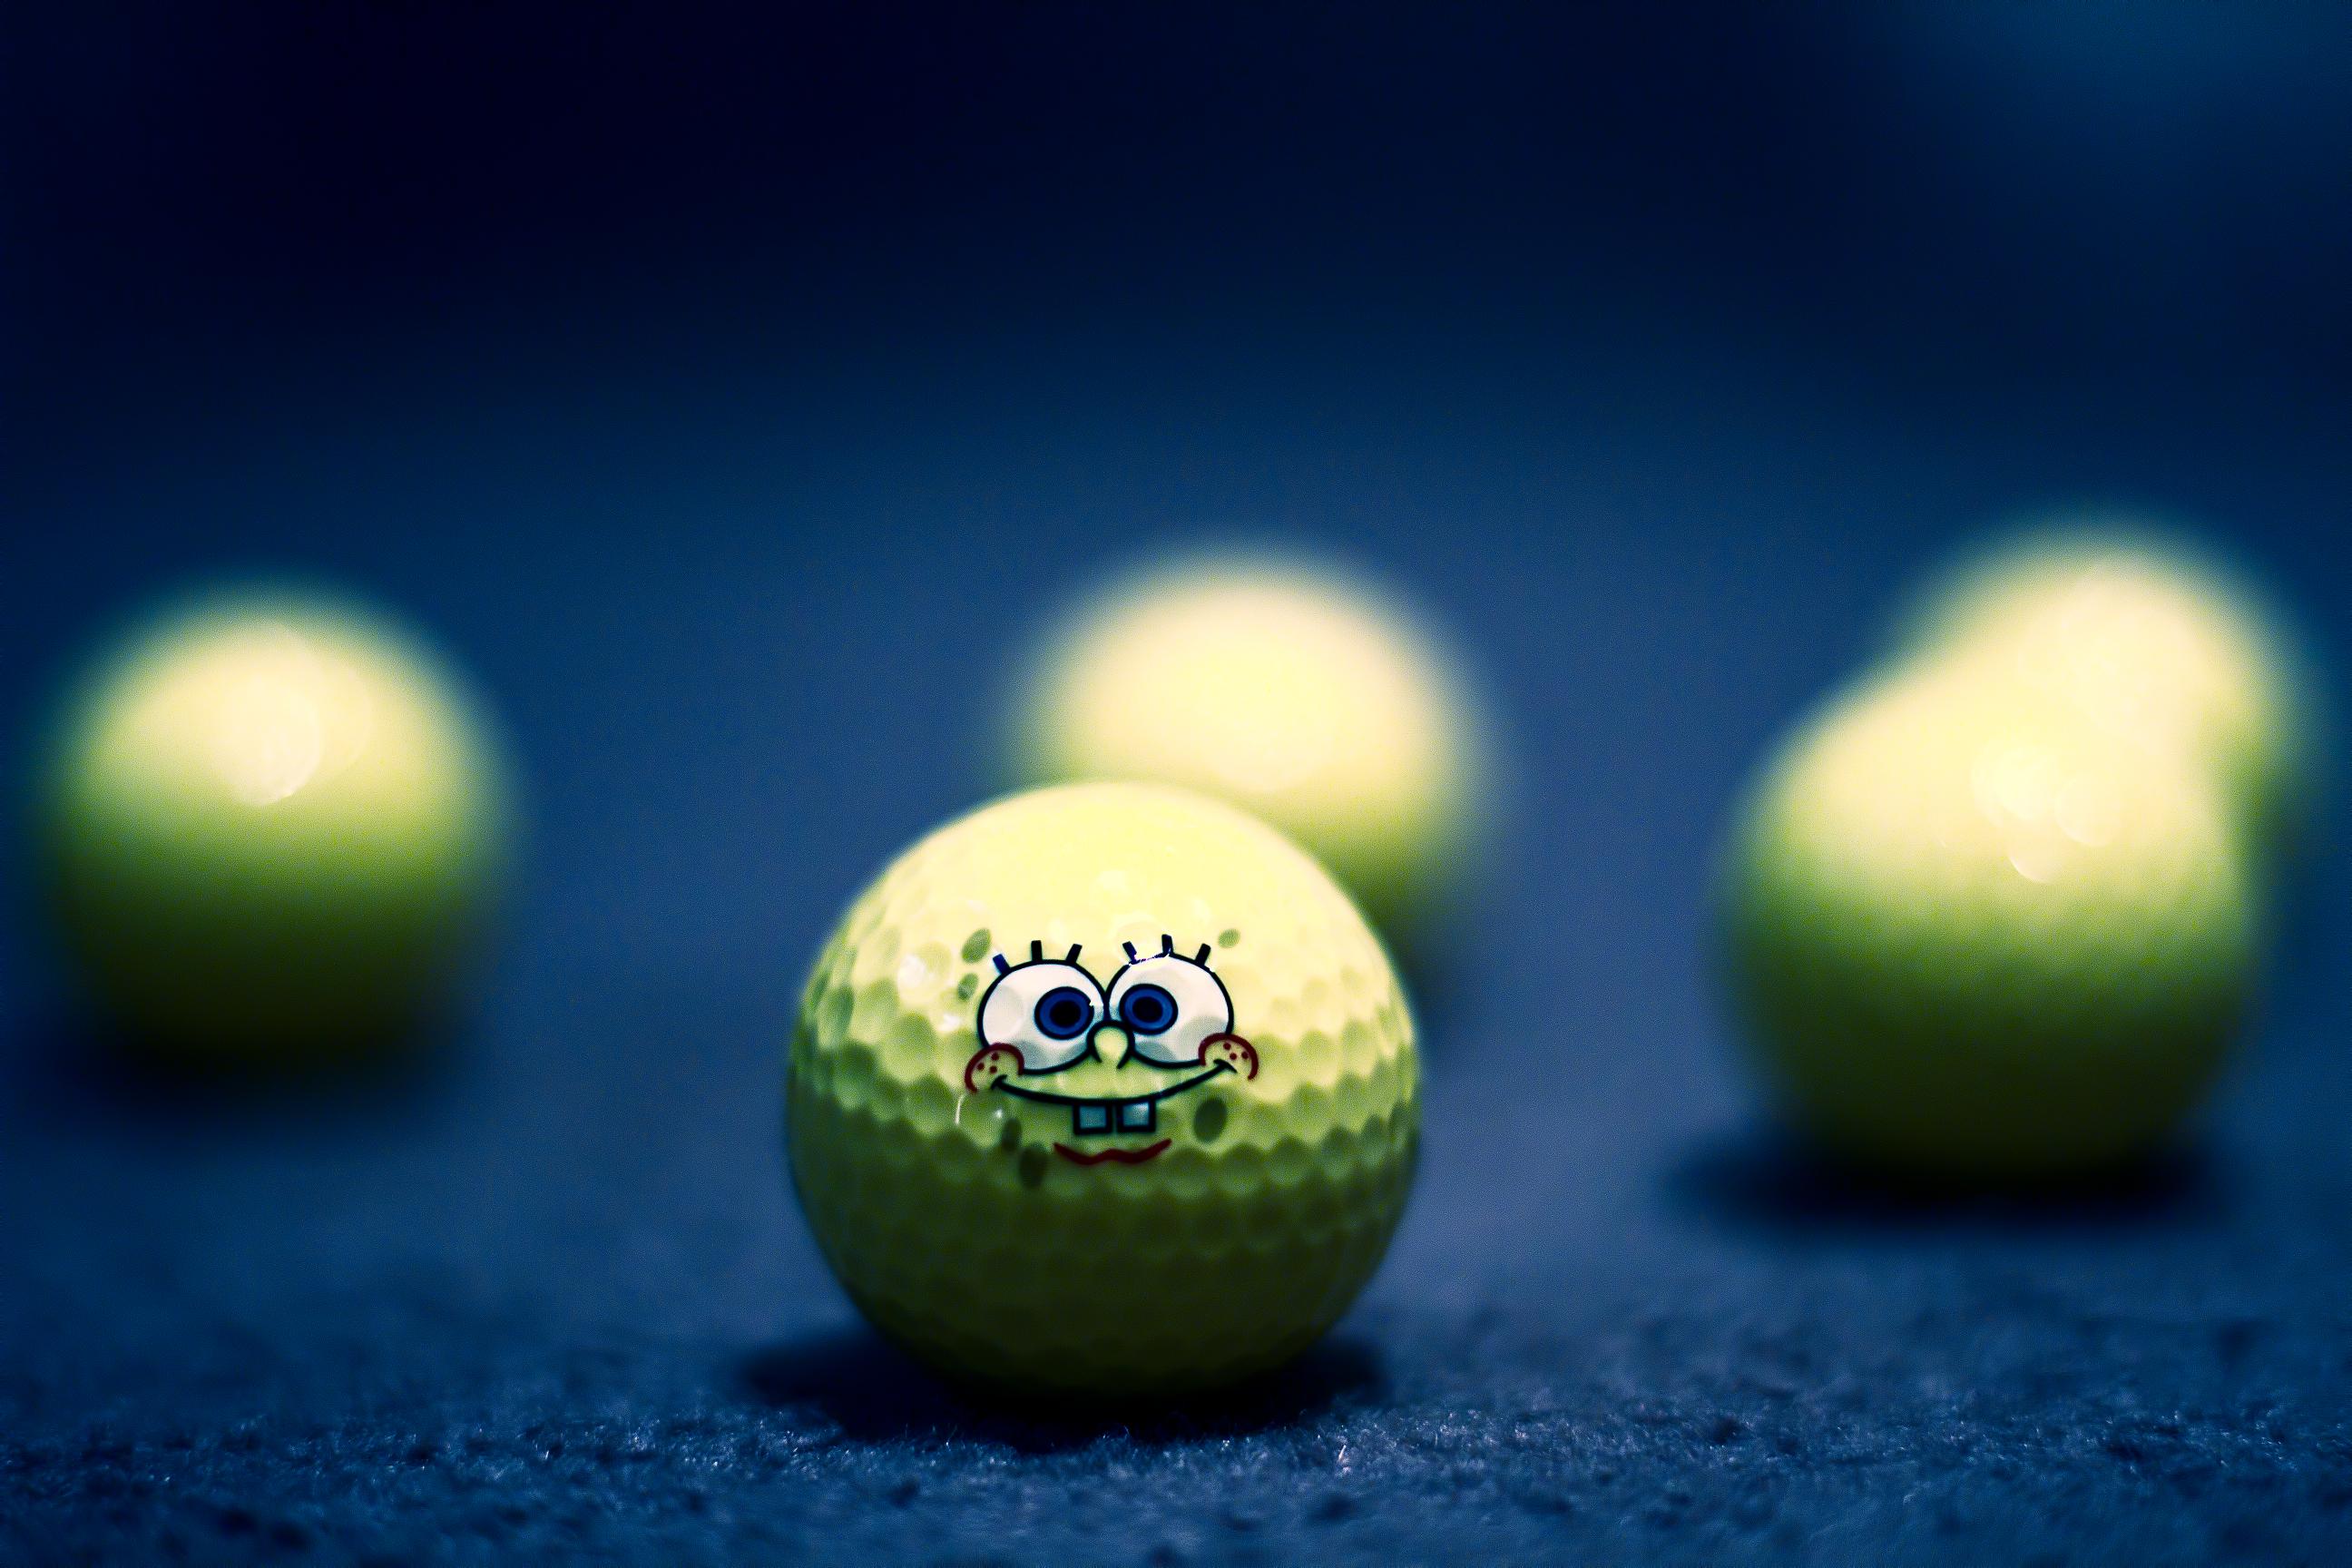 Wallpaper Sky Cartoon Balls Golf Lime Mygearandme Character